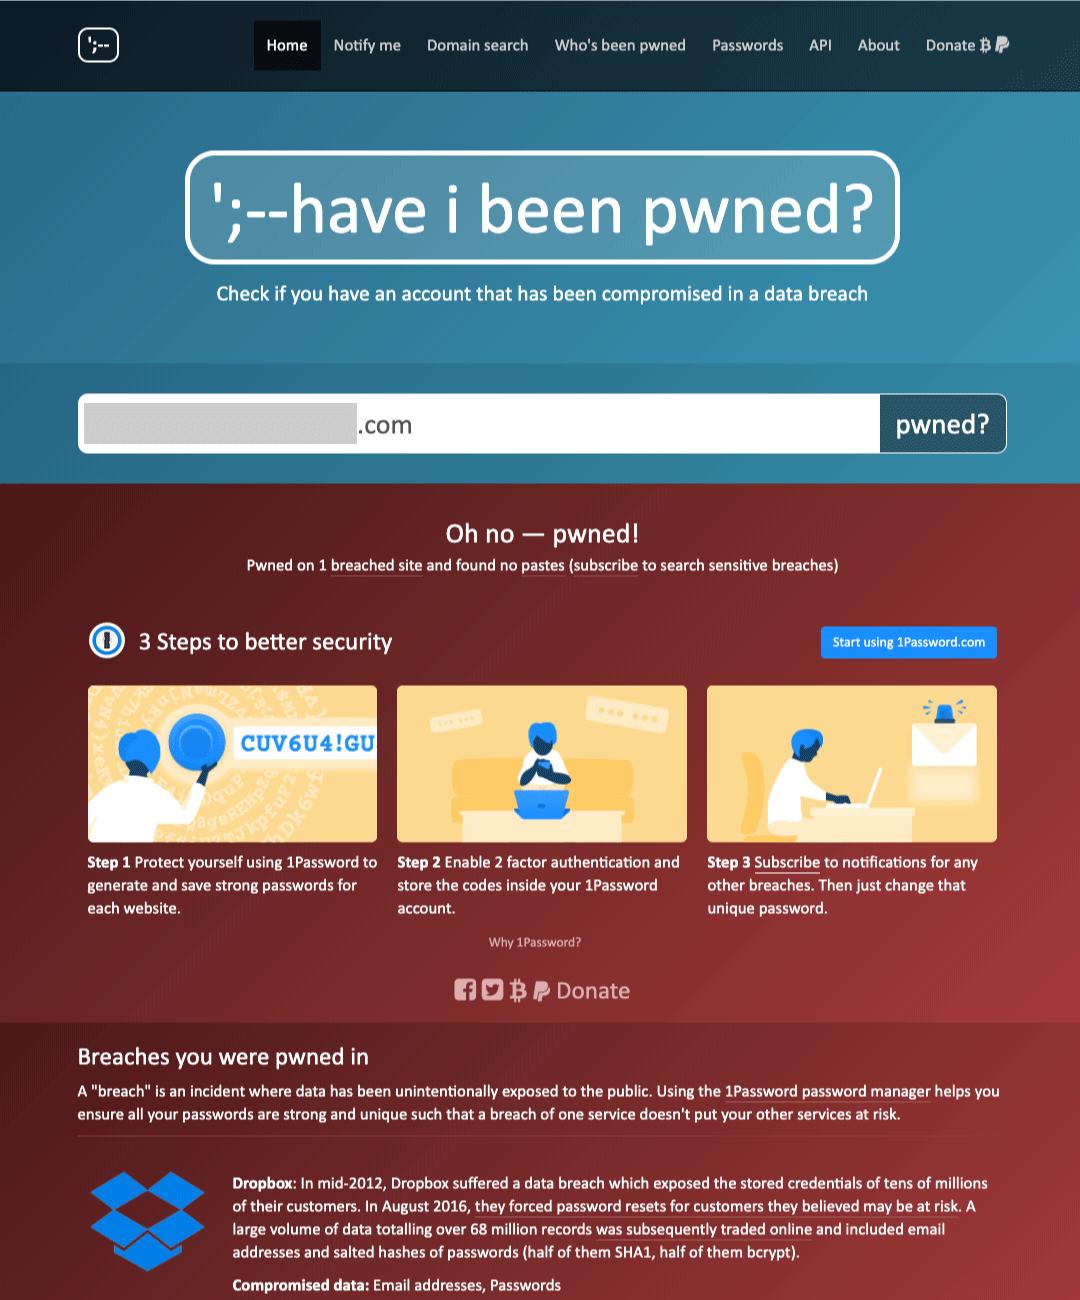 have i been pwned メールアドレス入力結果のイメージ(流出あり)